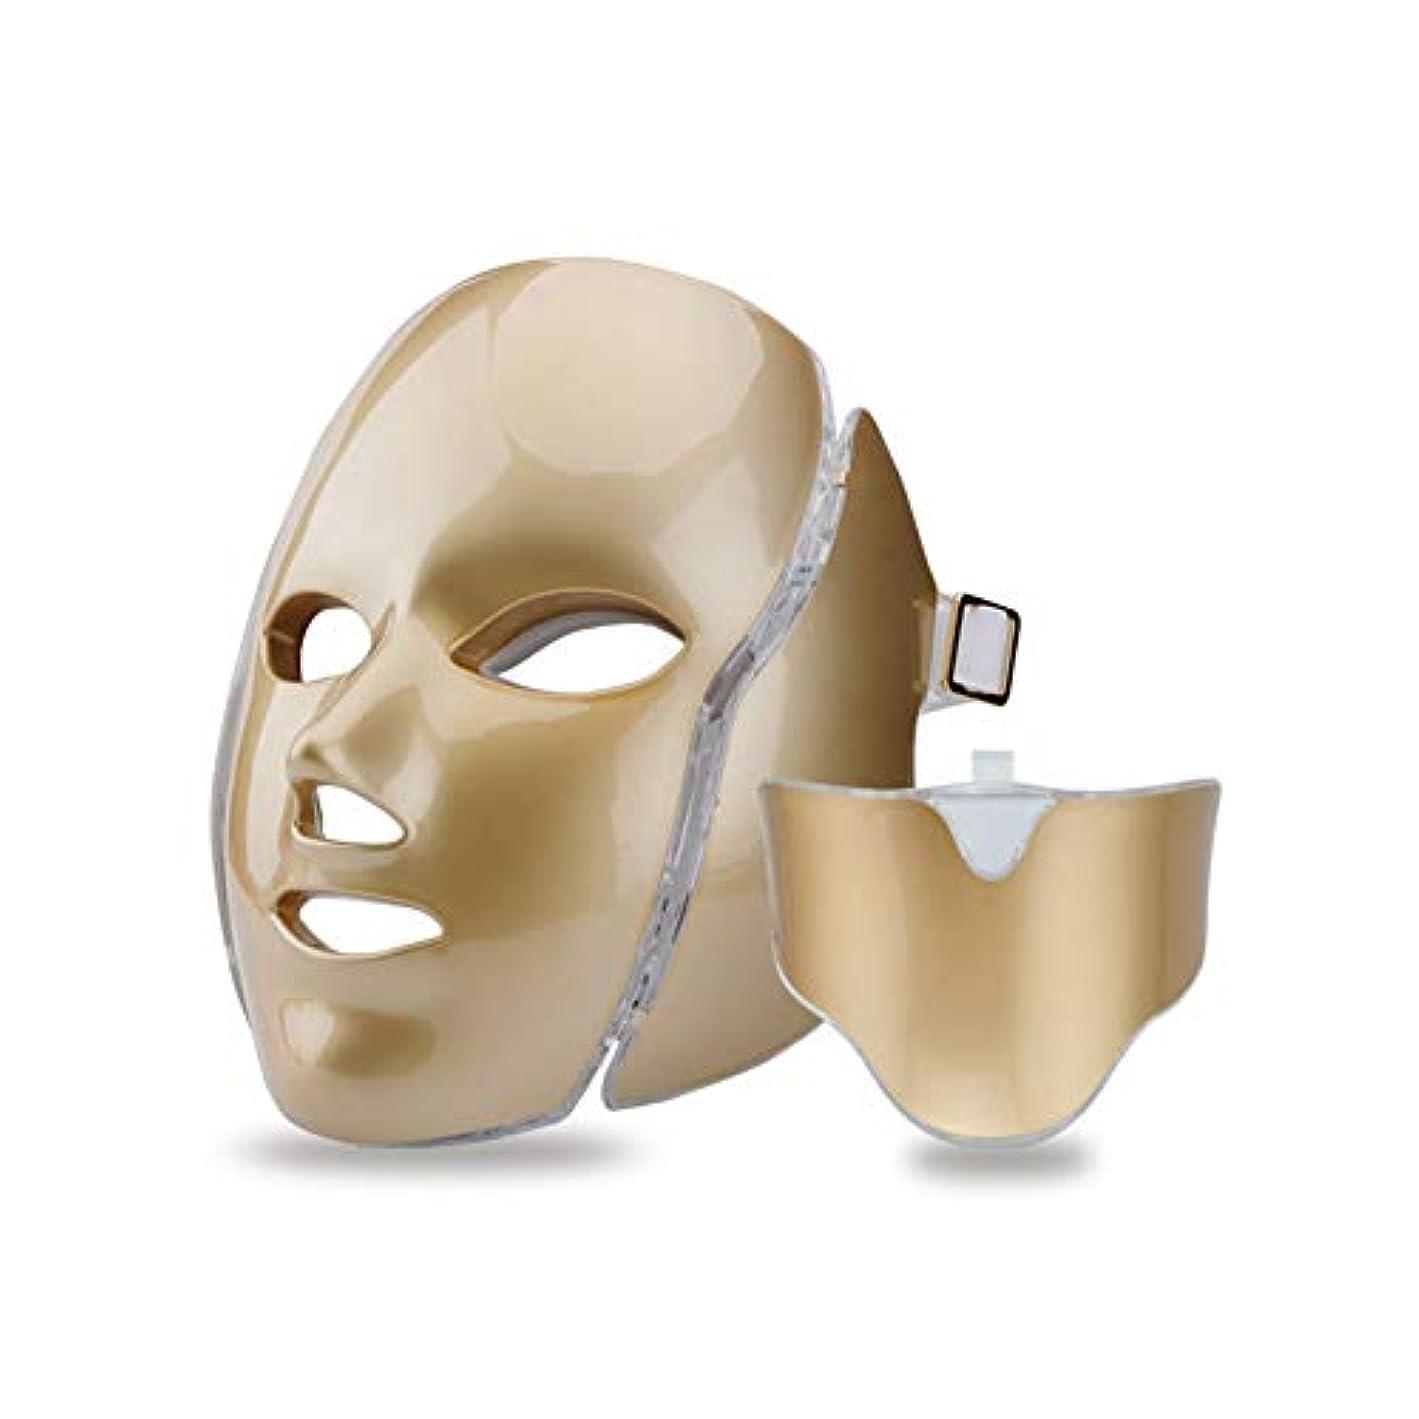 確率トンネル中断赤色光光子治療機7色ledマスク+首、肌の若返りニキビフェイシャルスパ美容機器,Gold